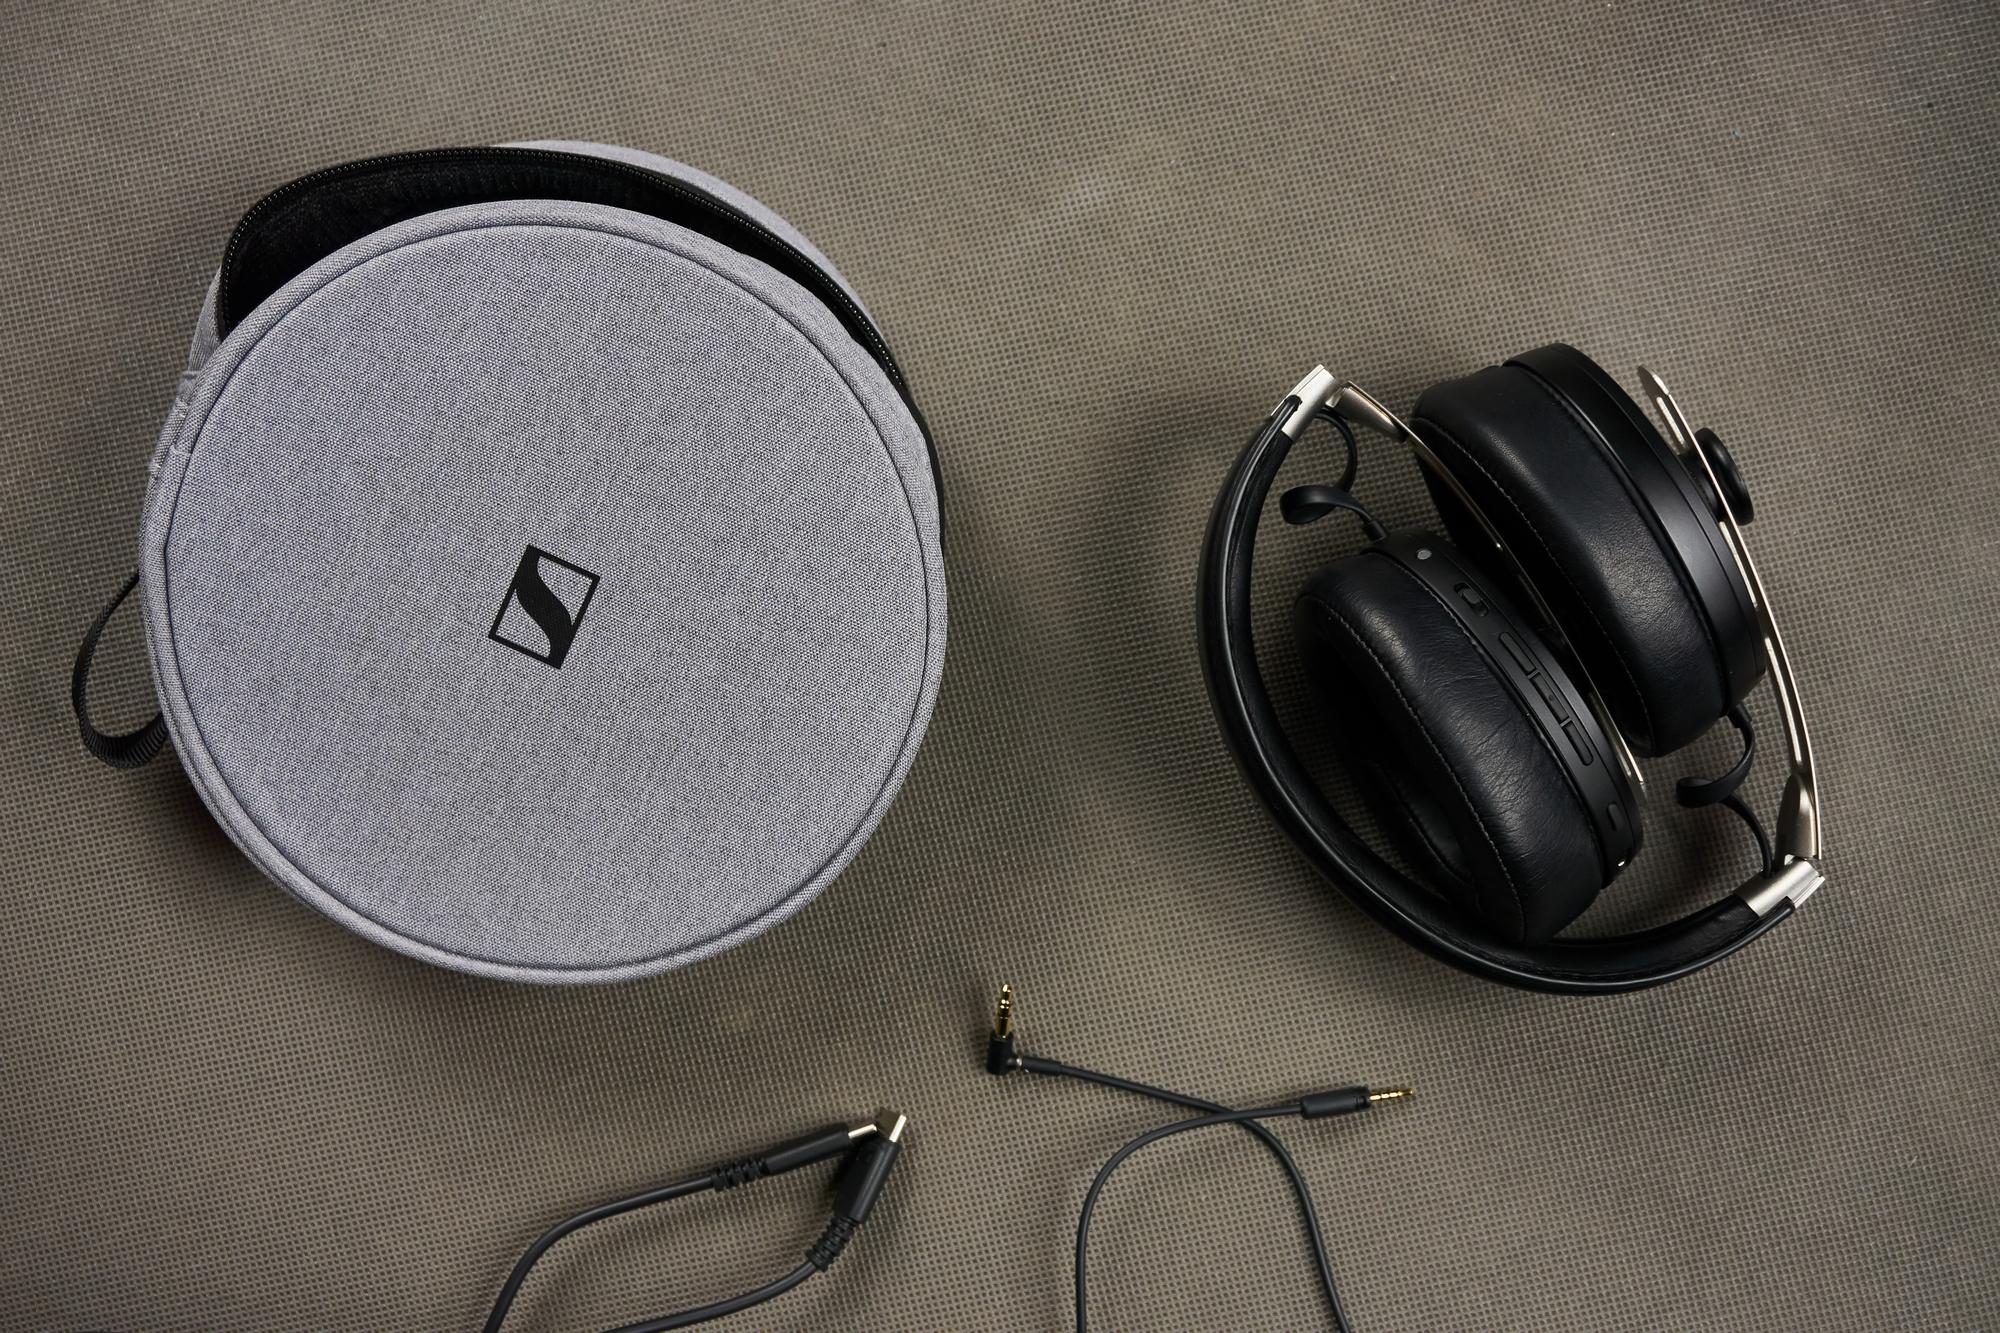 Recenzja Sennheiser Momentum Wireless - niemieckim inżynierom dźwięku progres nie jest obcy 37 Sennheiser Momentum Wireless